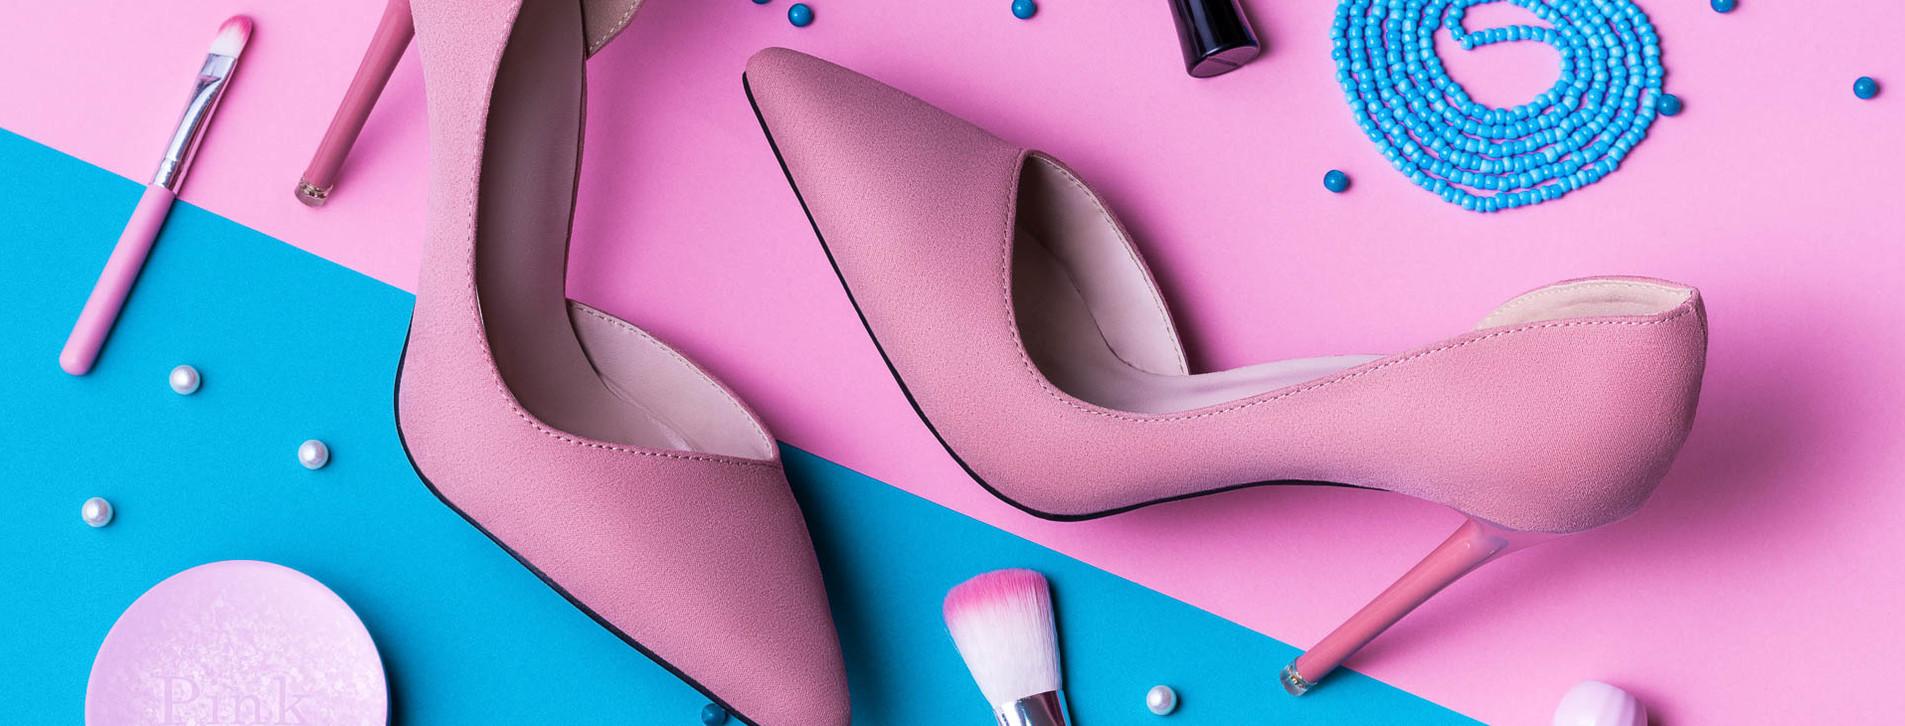 Пошиття жіночого взуття в подарунок — подарунковий сертифікат на пошиття  жіночих туфель — bodo 03e56bf829000